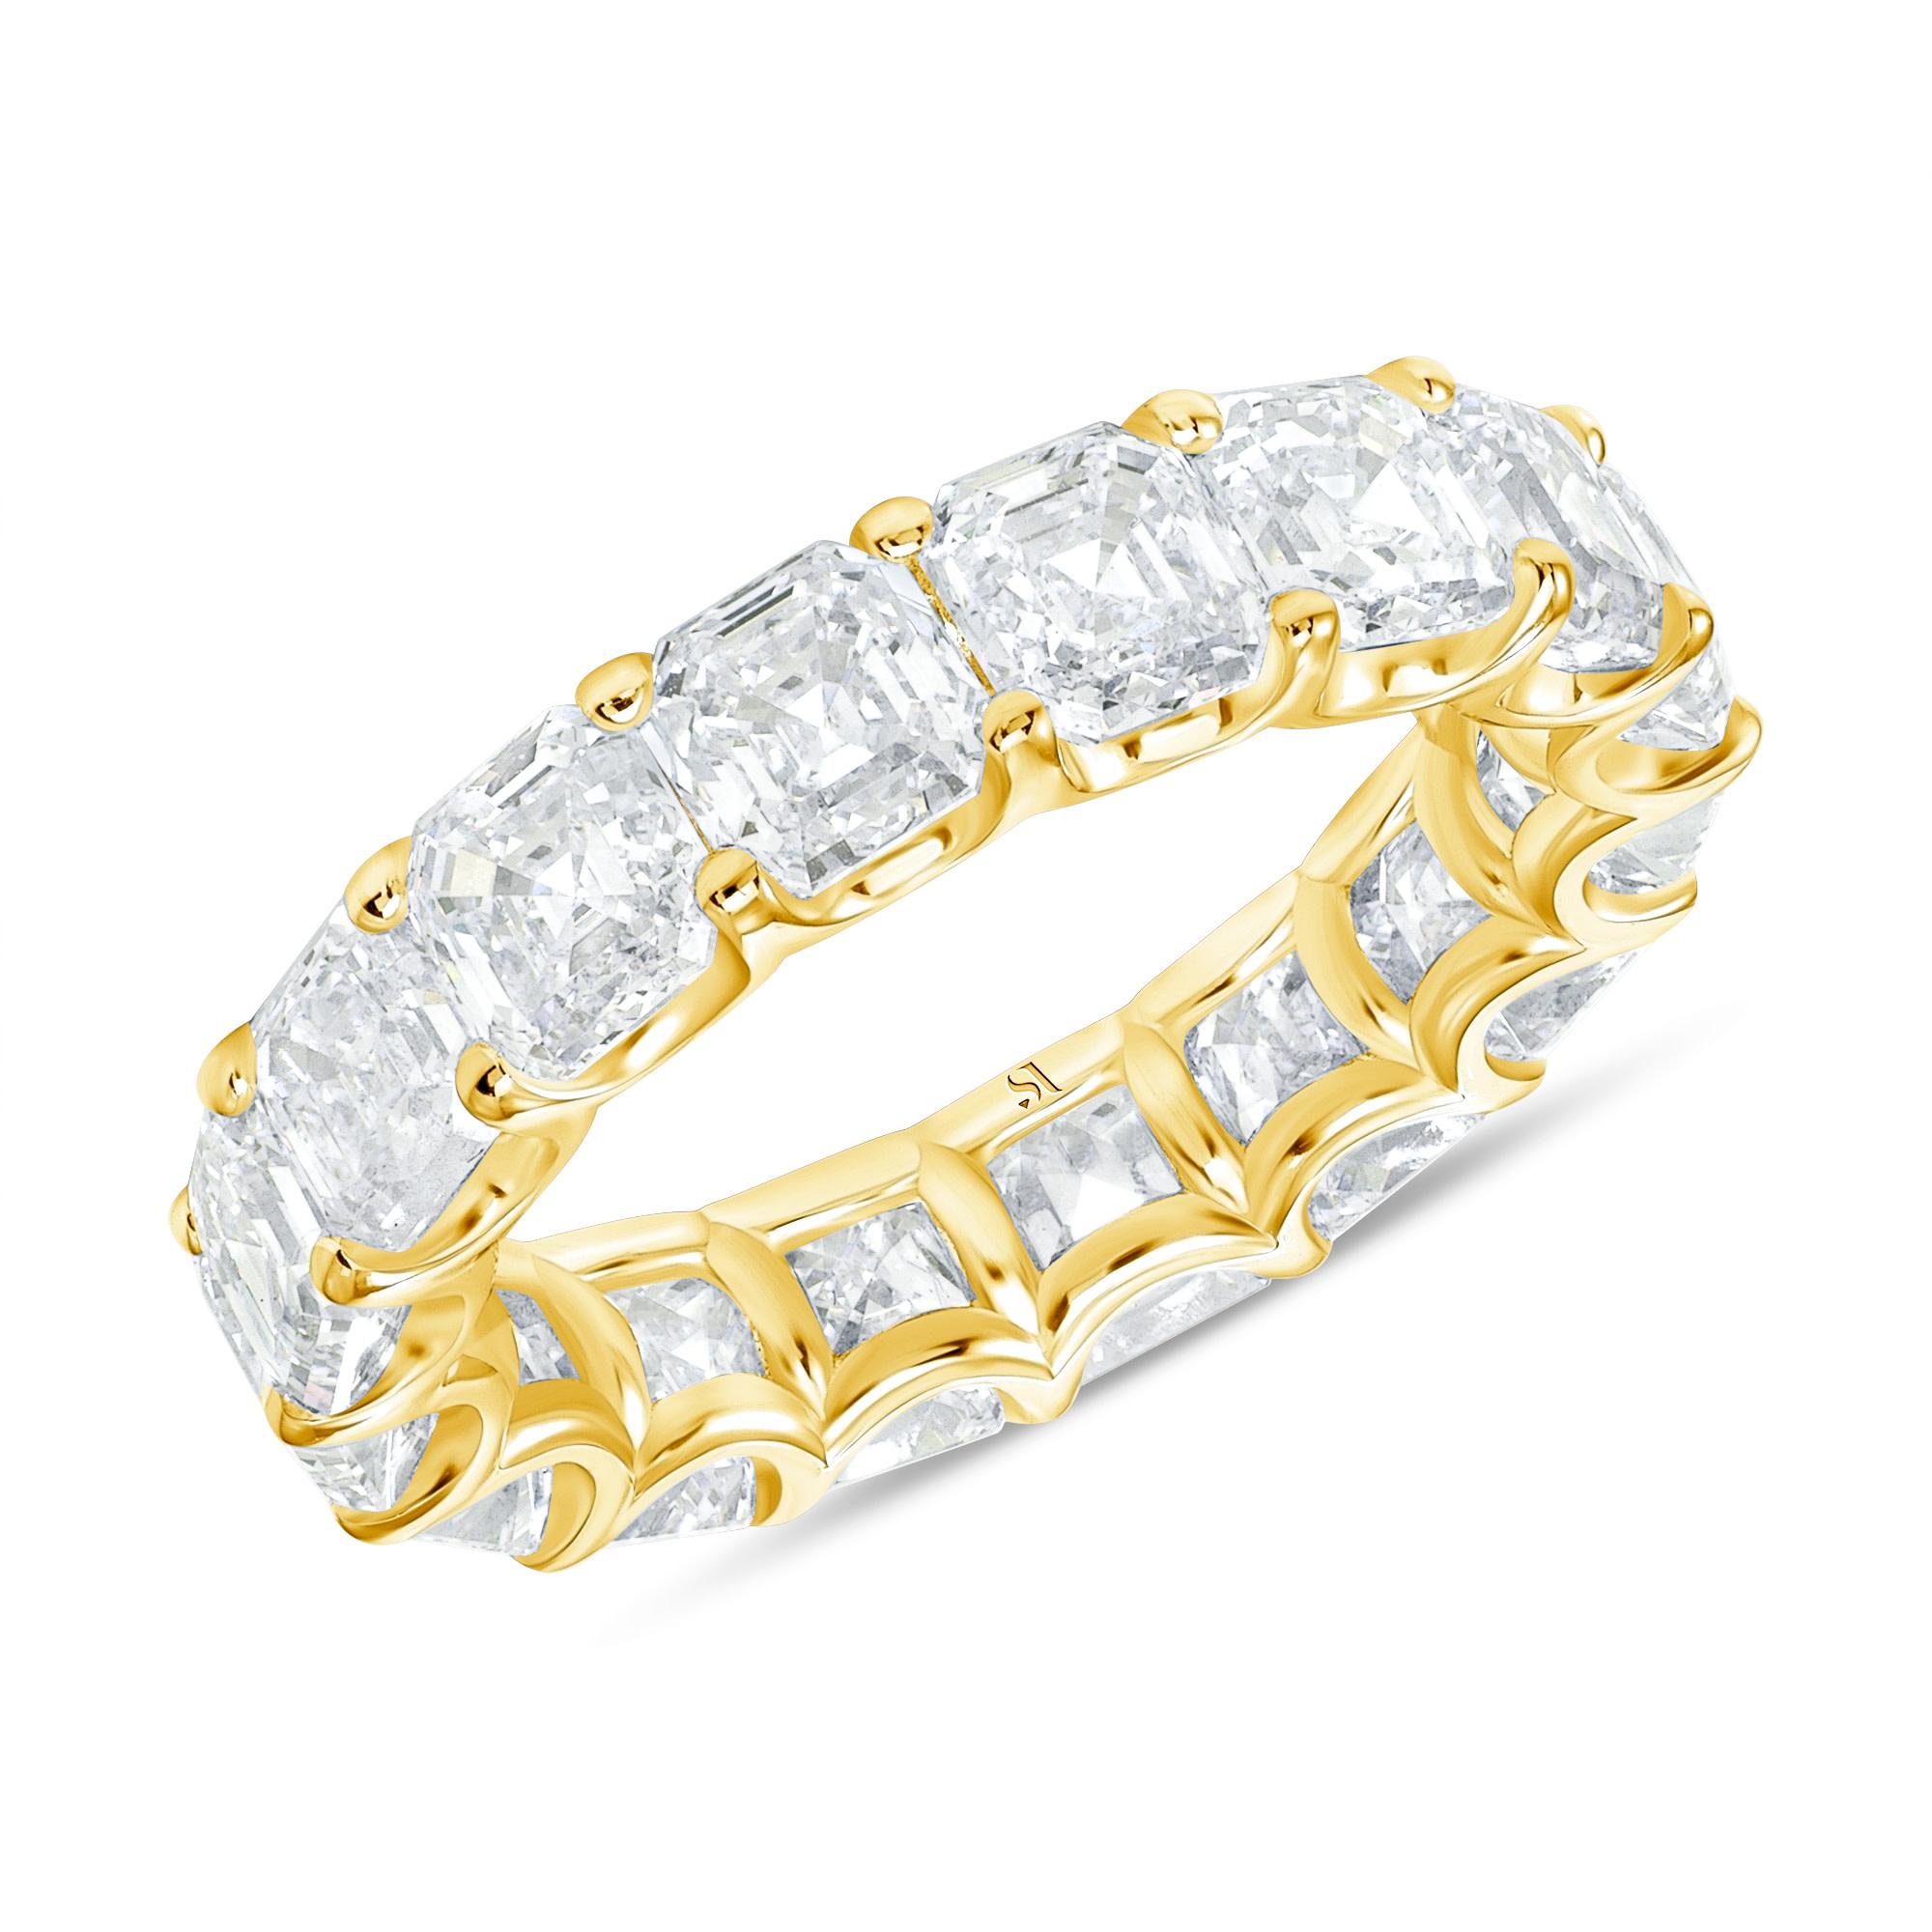 Asscher Eternity Band Yellow Gold